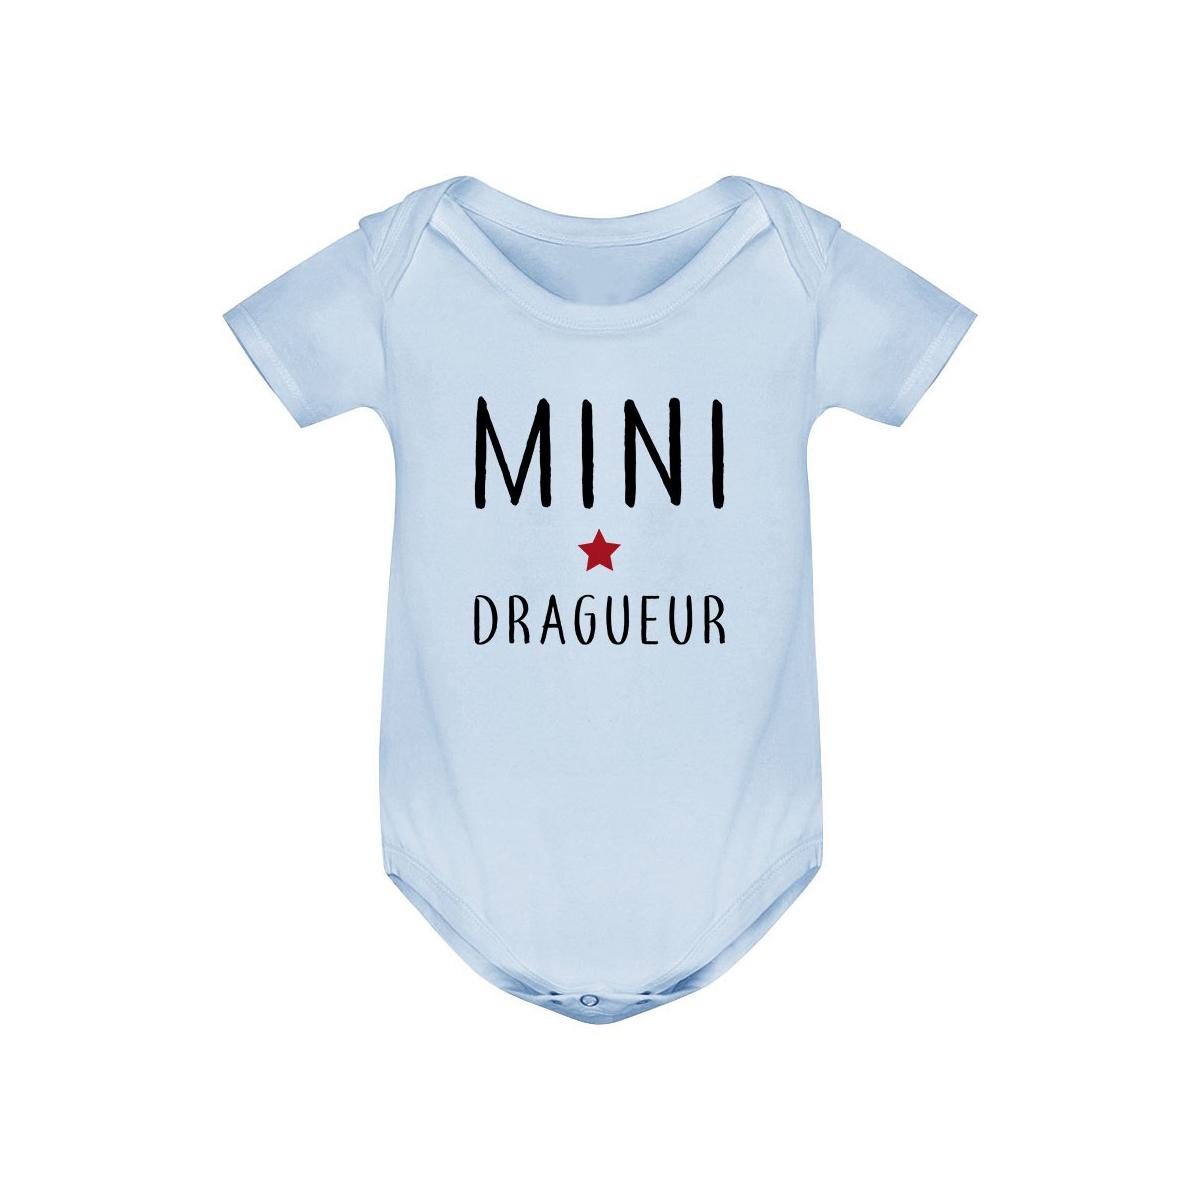 Body bébé Mini dragueur